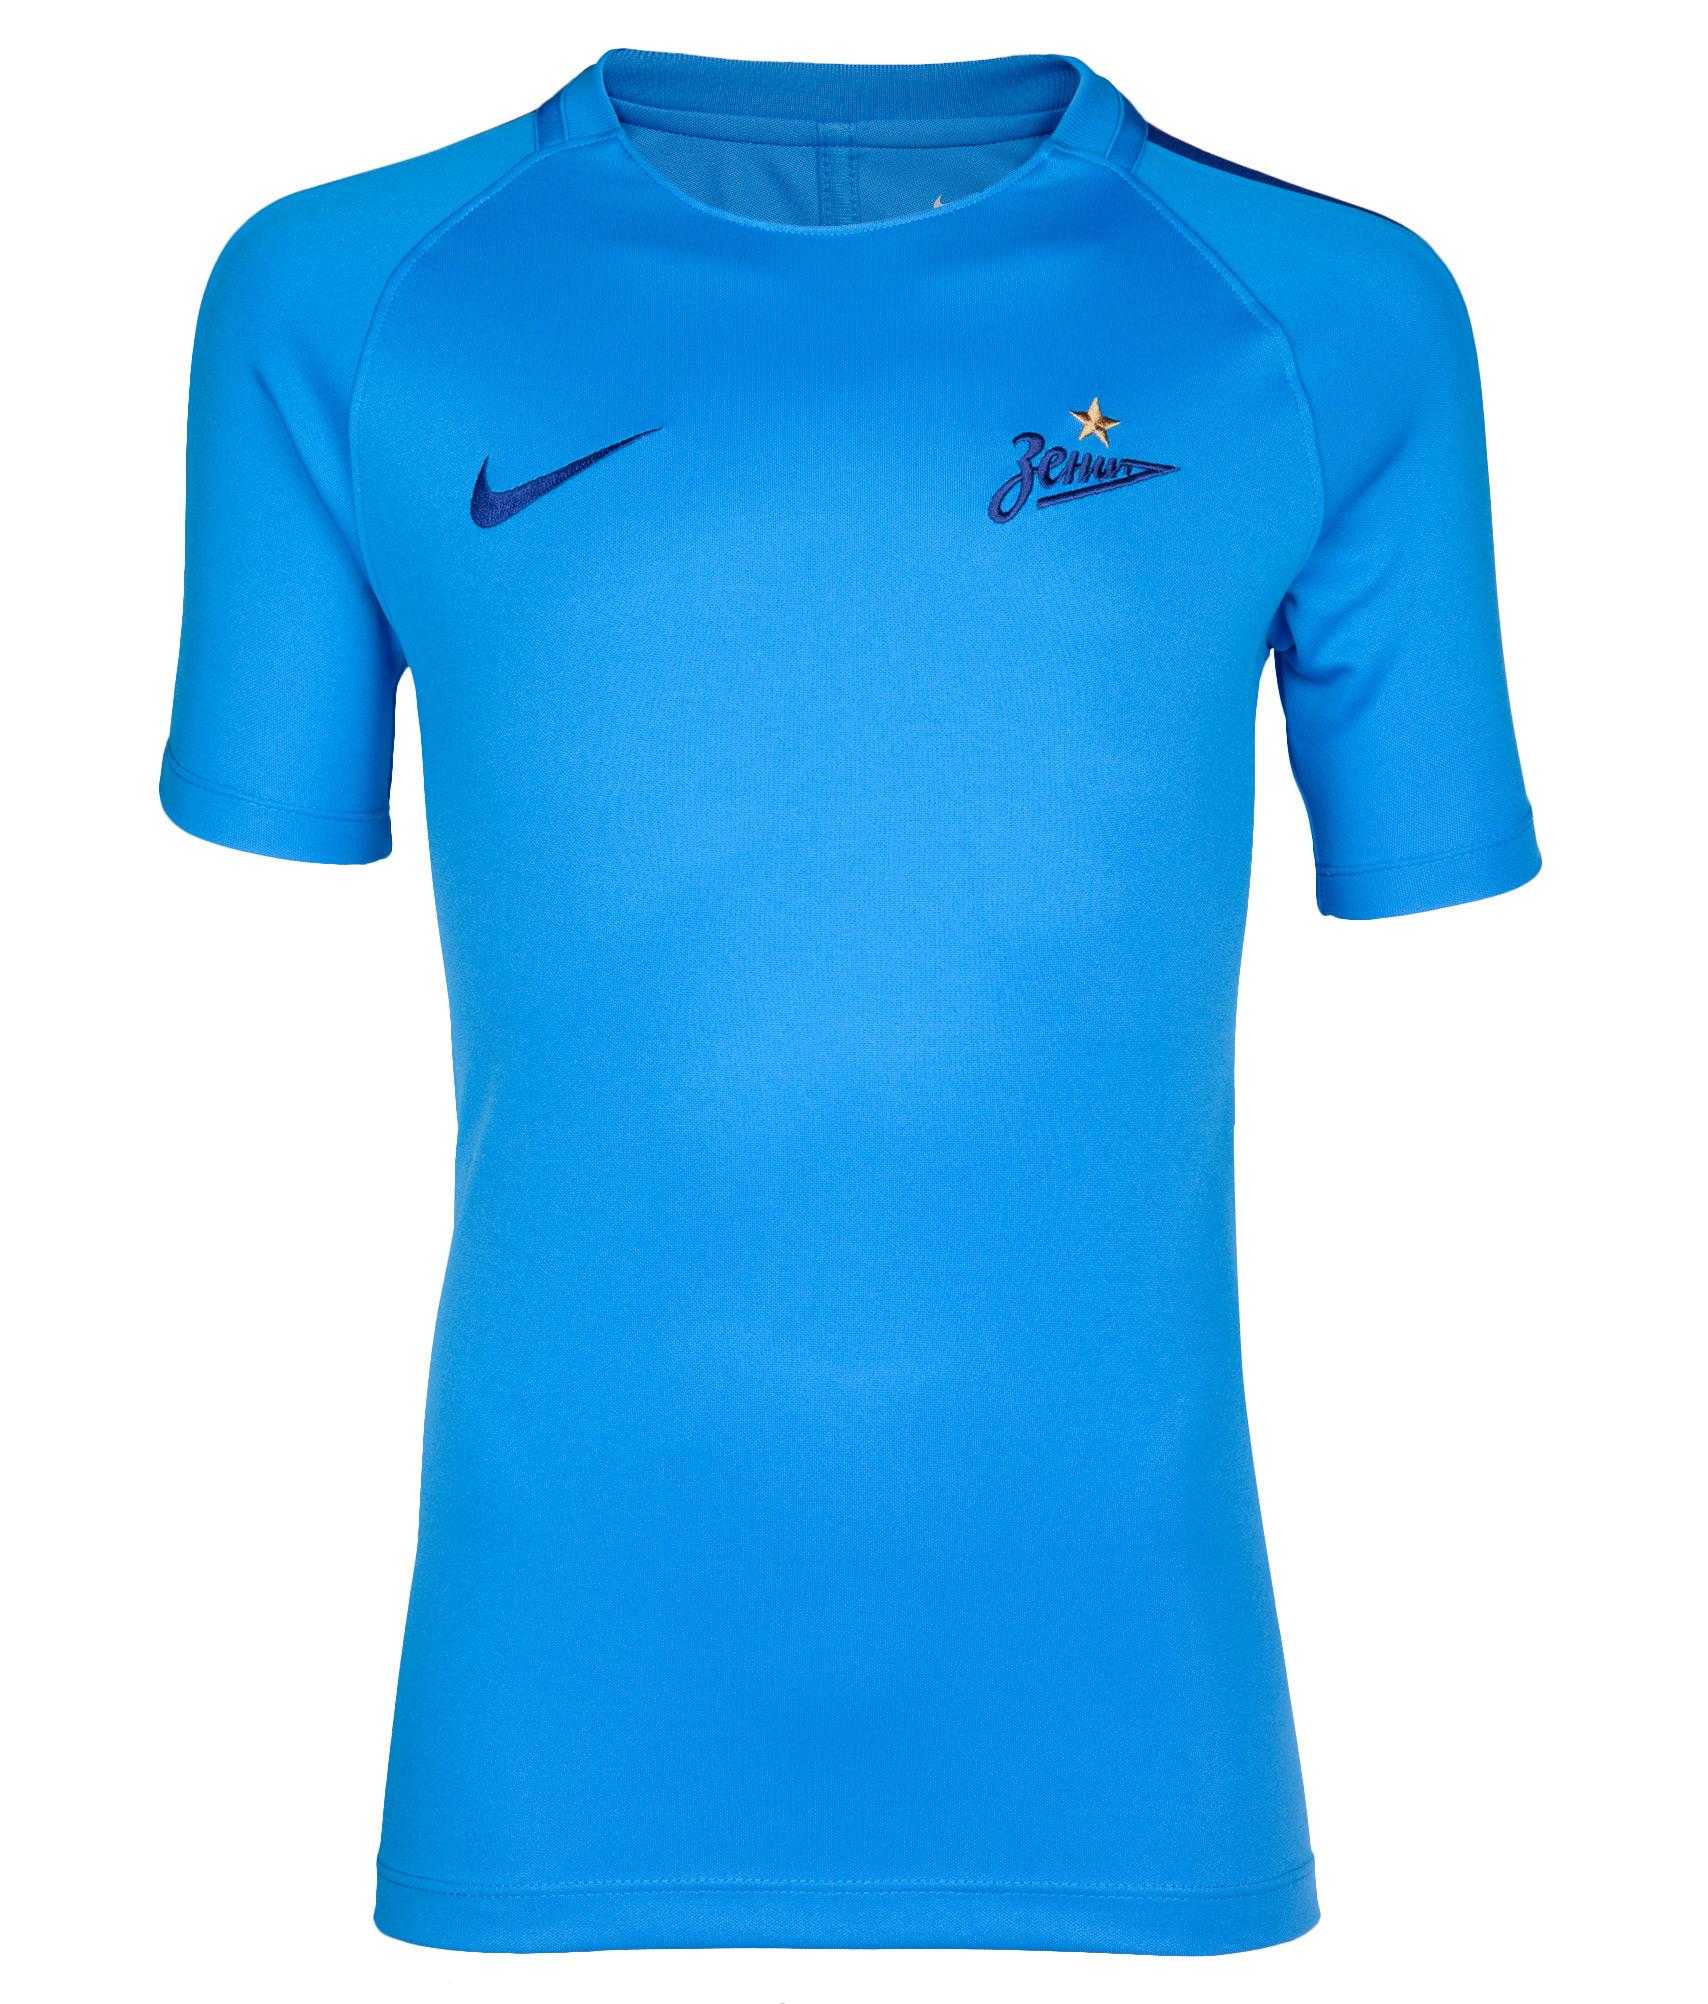 Футболка тренировочная подростковая Nike, Цвет-Синий, Размер-M подростковая обувь